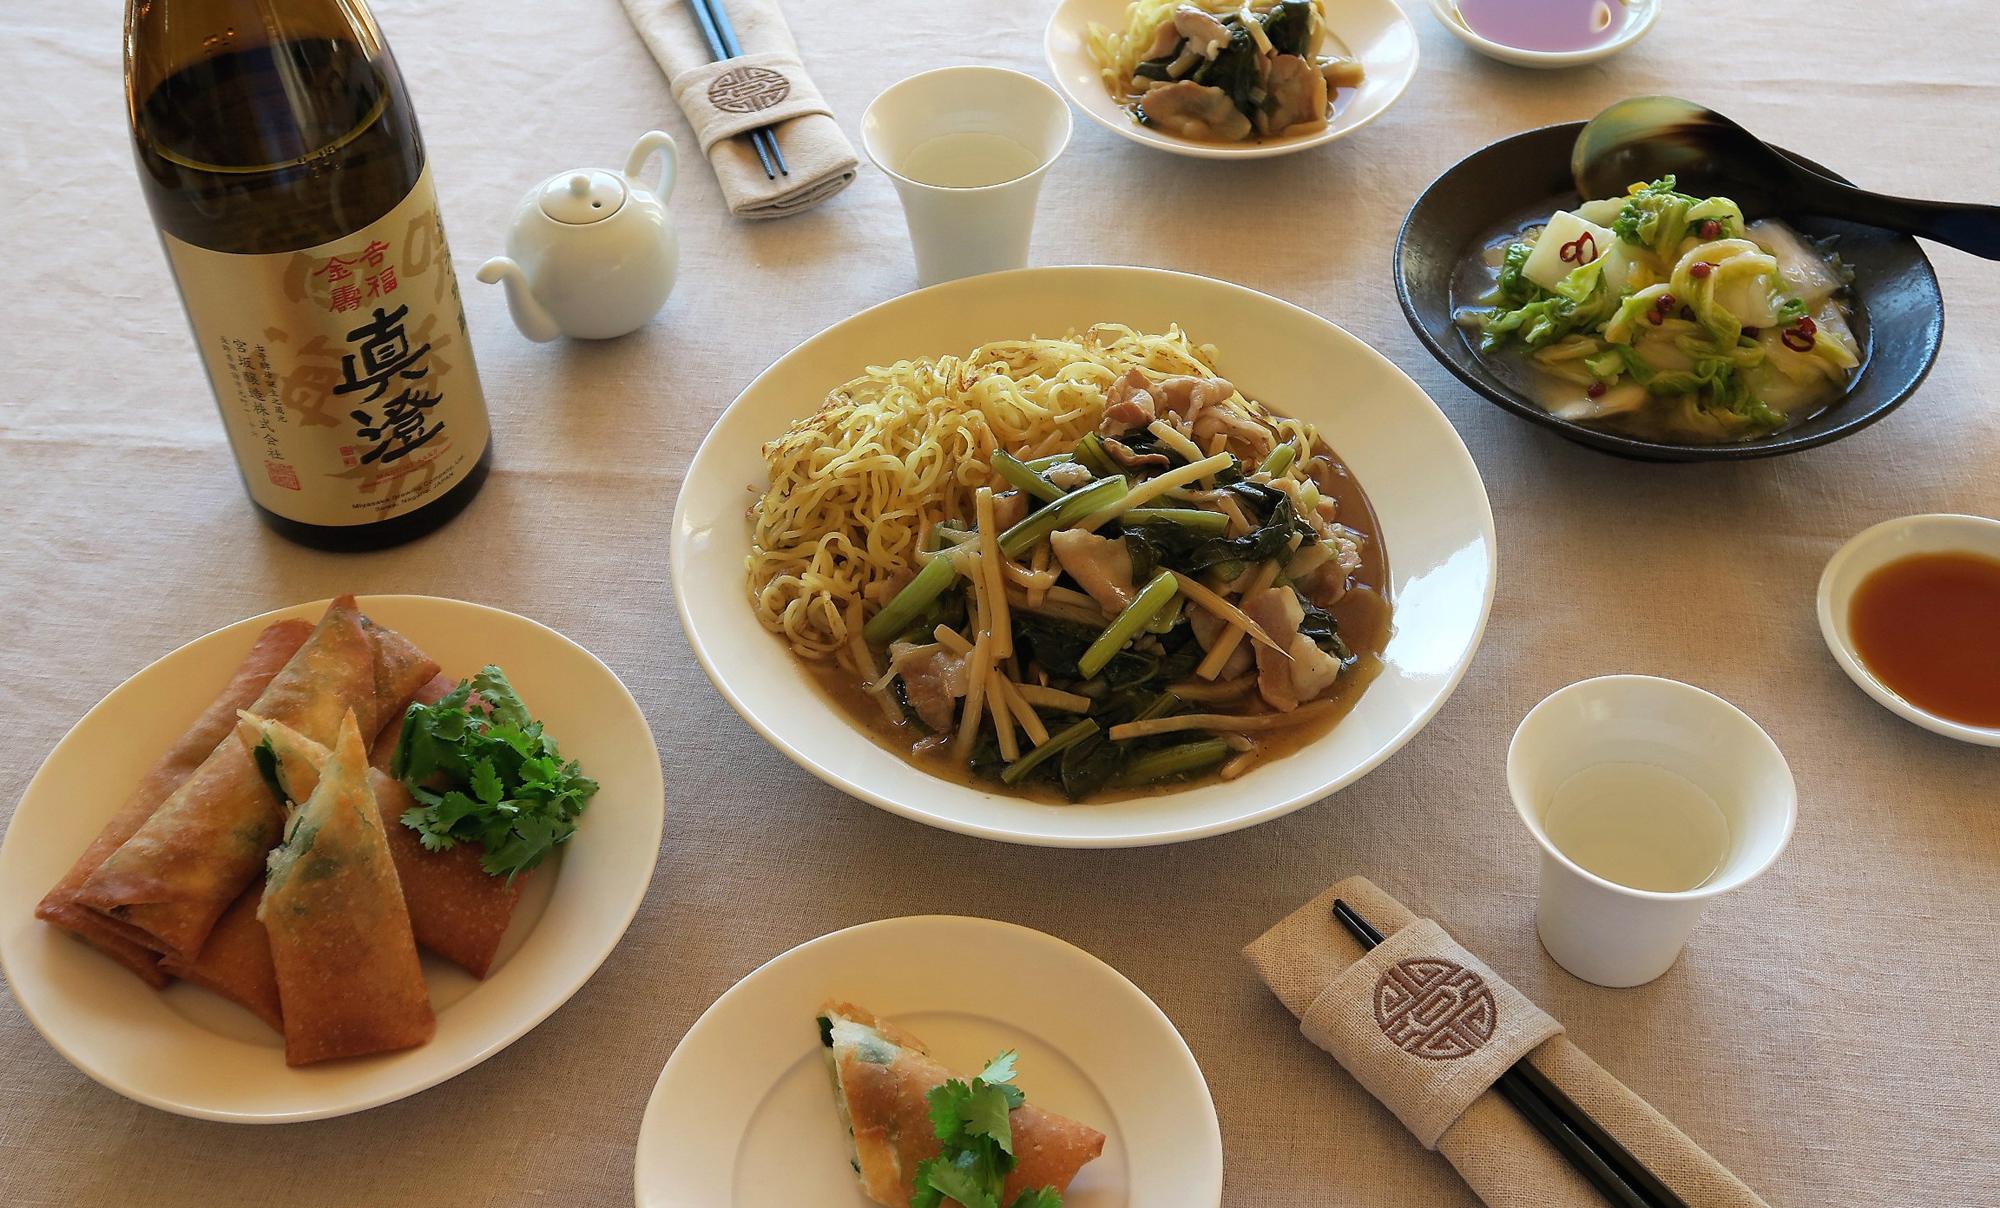 吉福金寿と料理3点